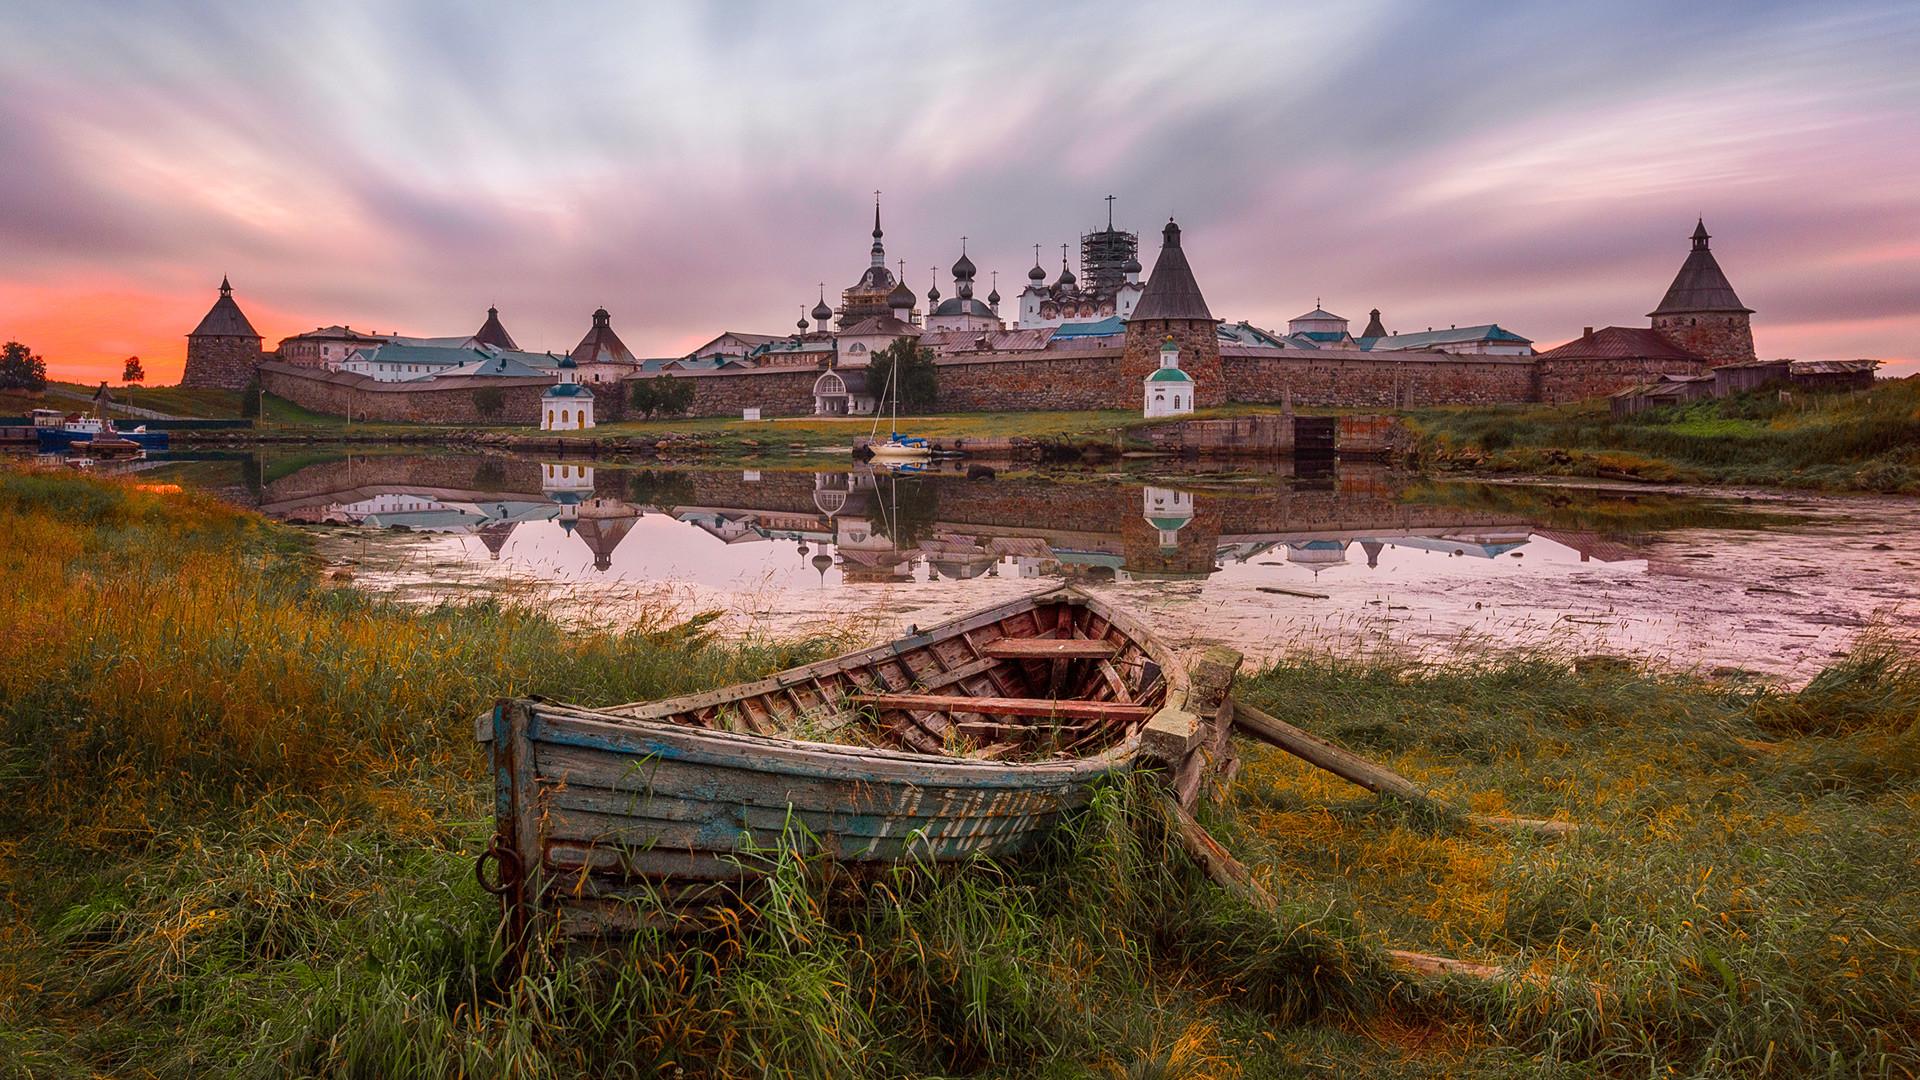 Soloveški otoki (Solovki), Rusija, znan prizor s pogledom na Spaso-Preobraženski samostan preobrazbe in Veliki stari čoln s strani Belega morja